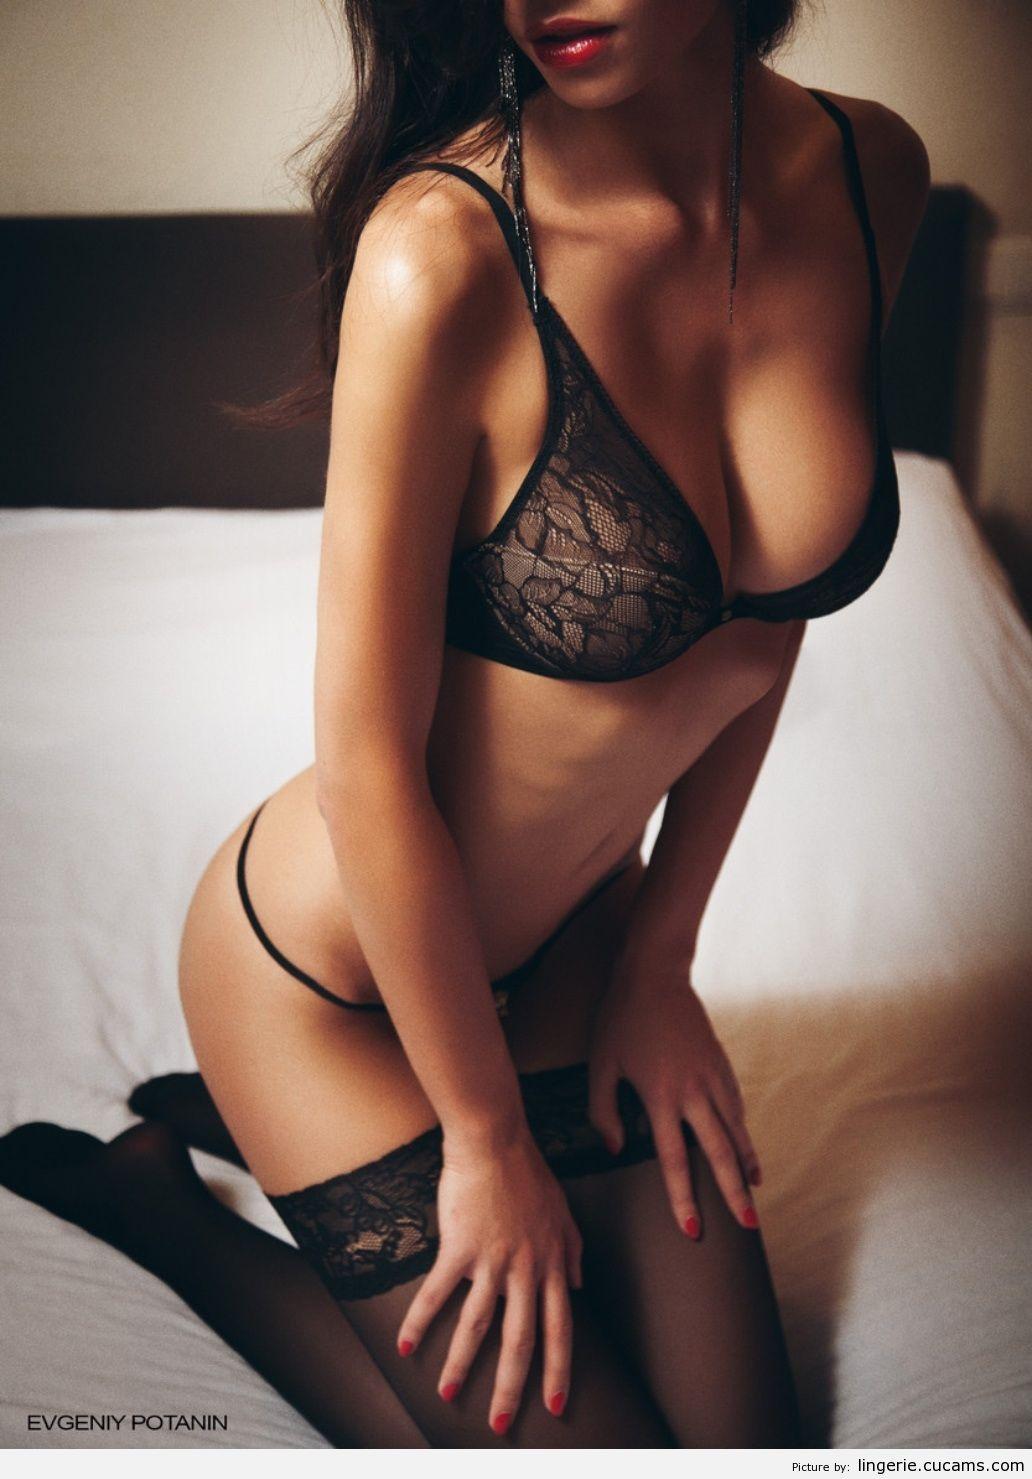 Lingerie Precum Asslick by lingerie.cucams.com